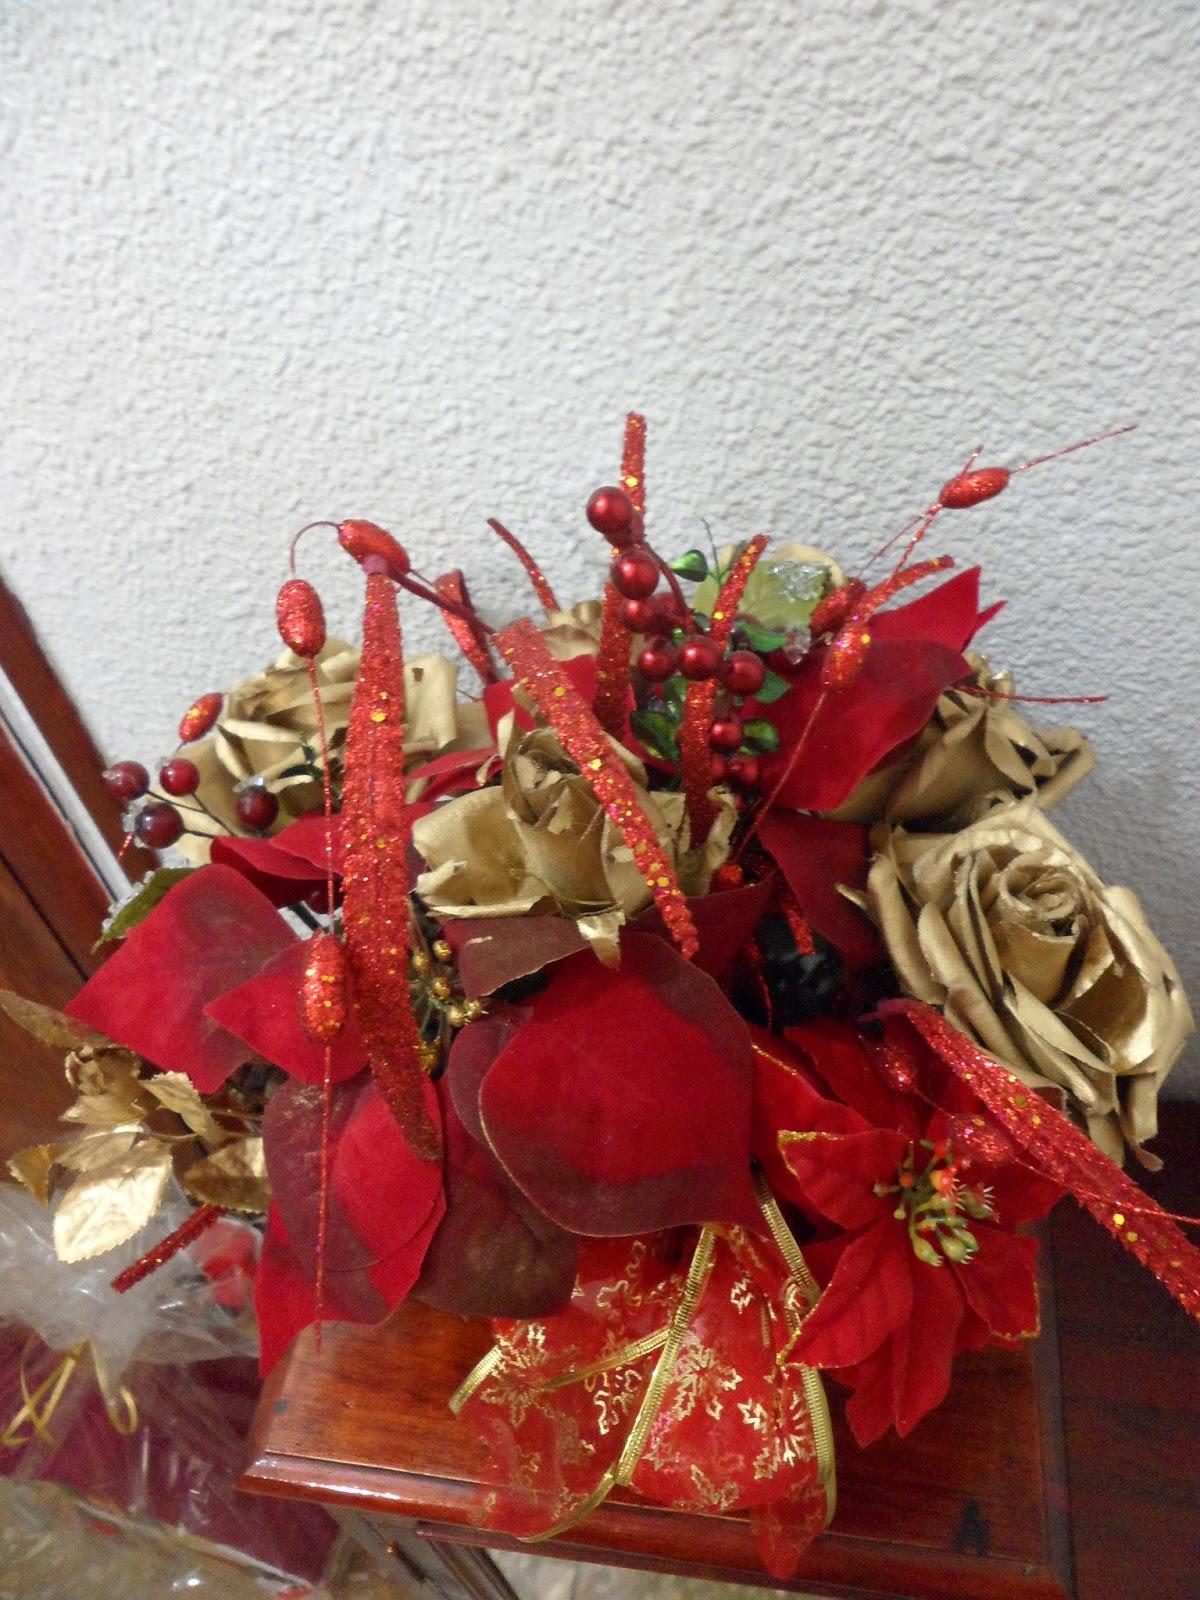 Mis manualidades centro de mesa para navidad for Centro mesa navidad manualidades